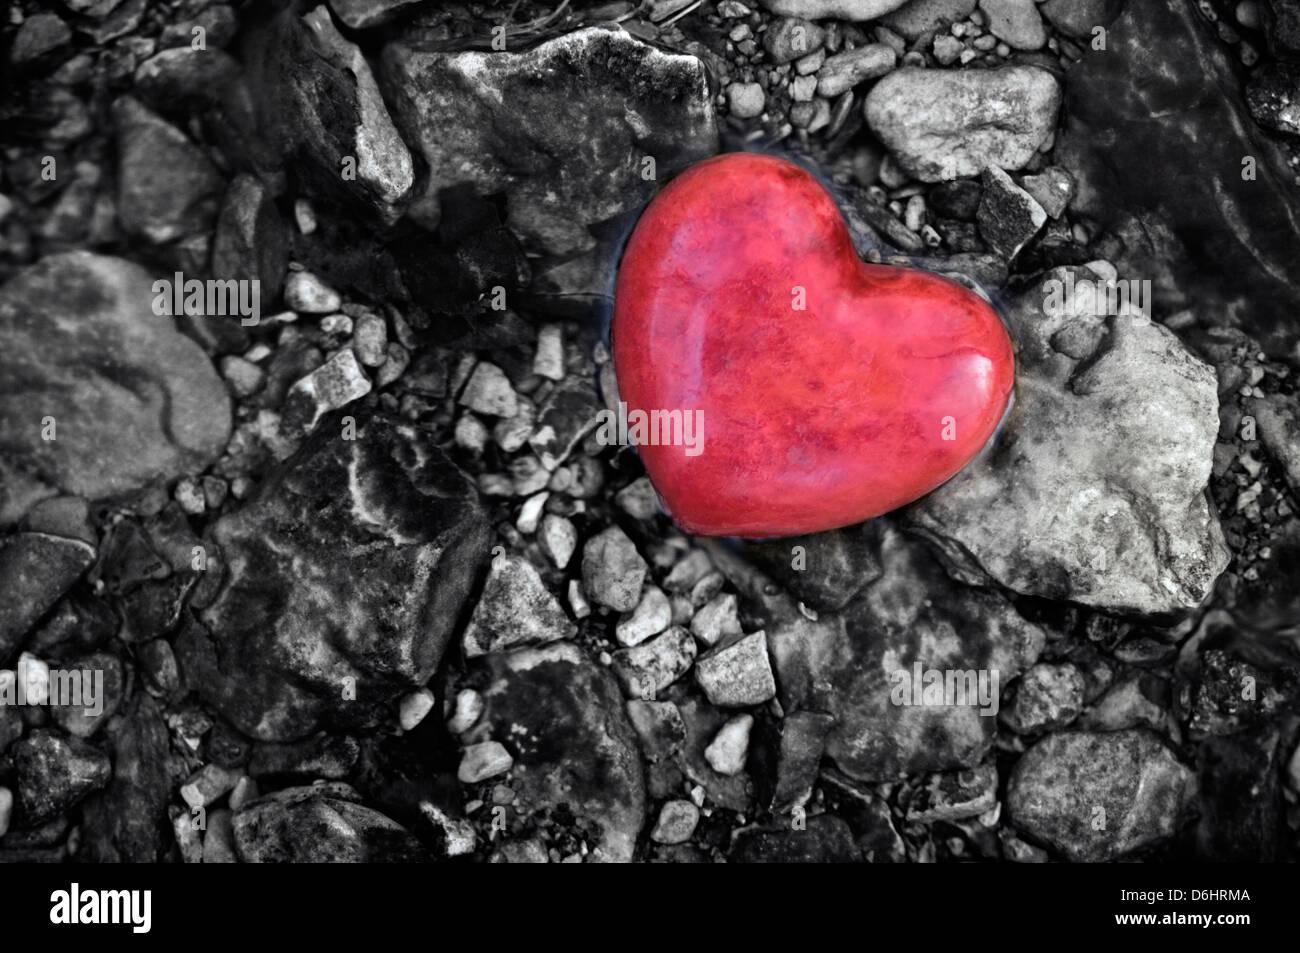 Corazón de Piedra Roja en medio de piedras en un Arroyo Imagen De Stock